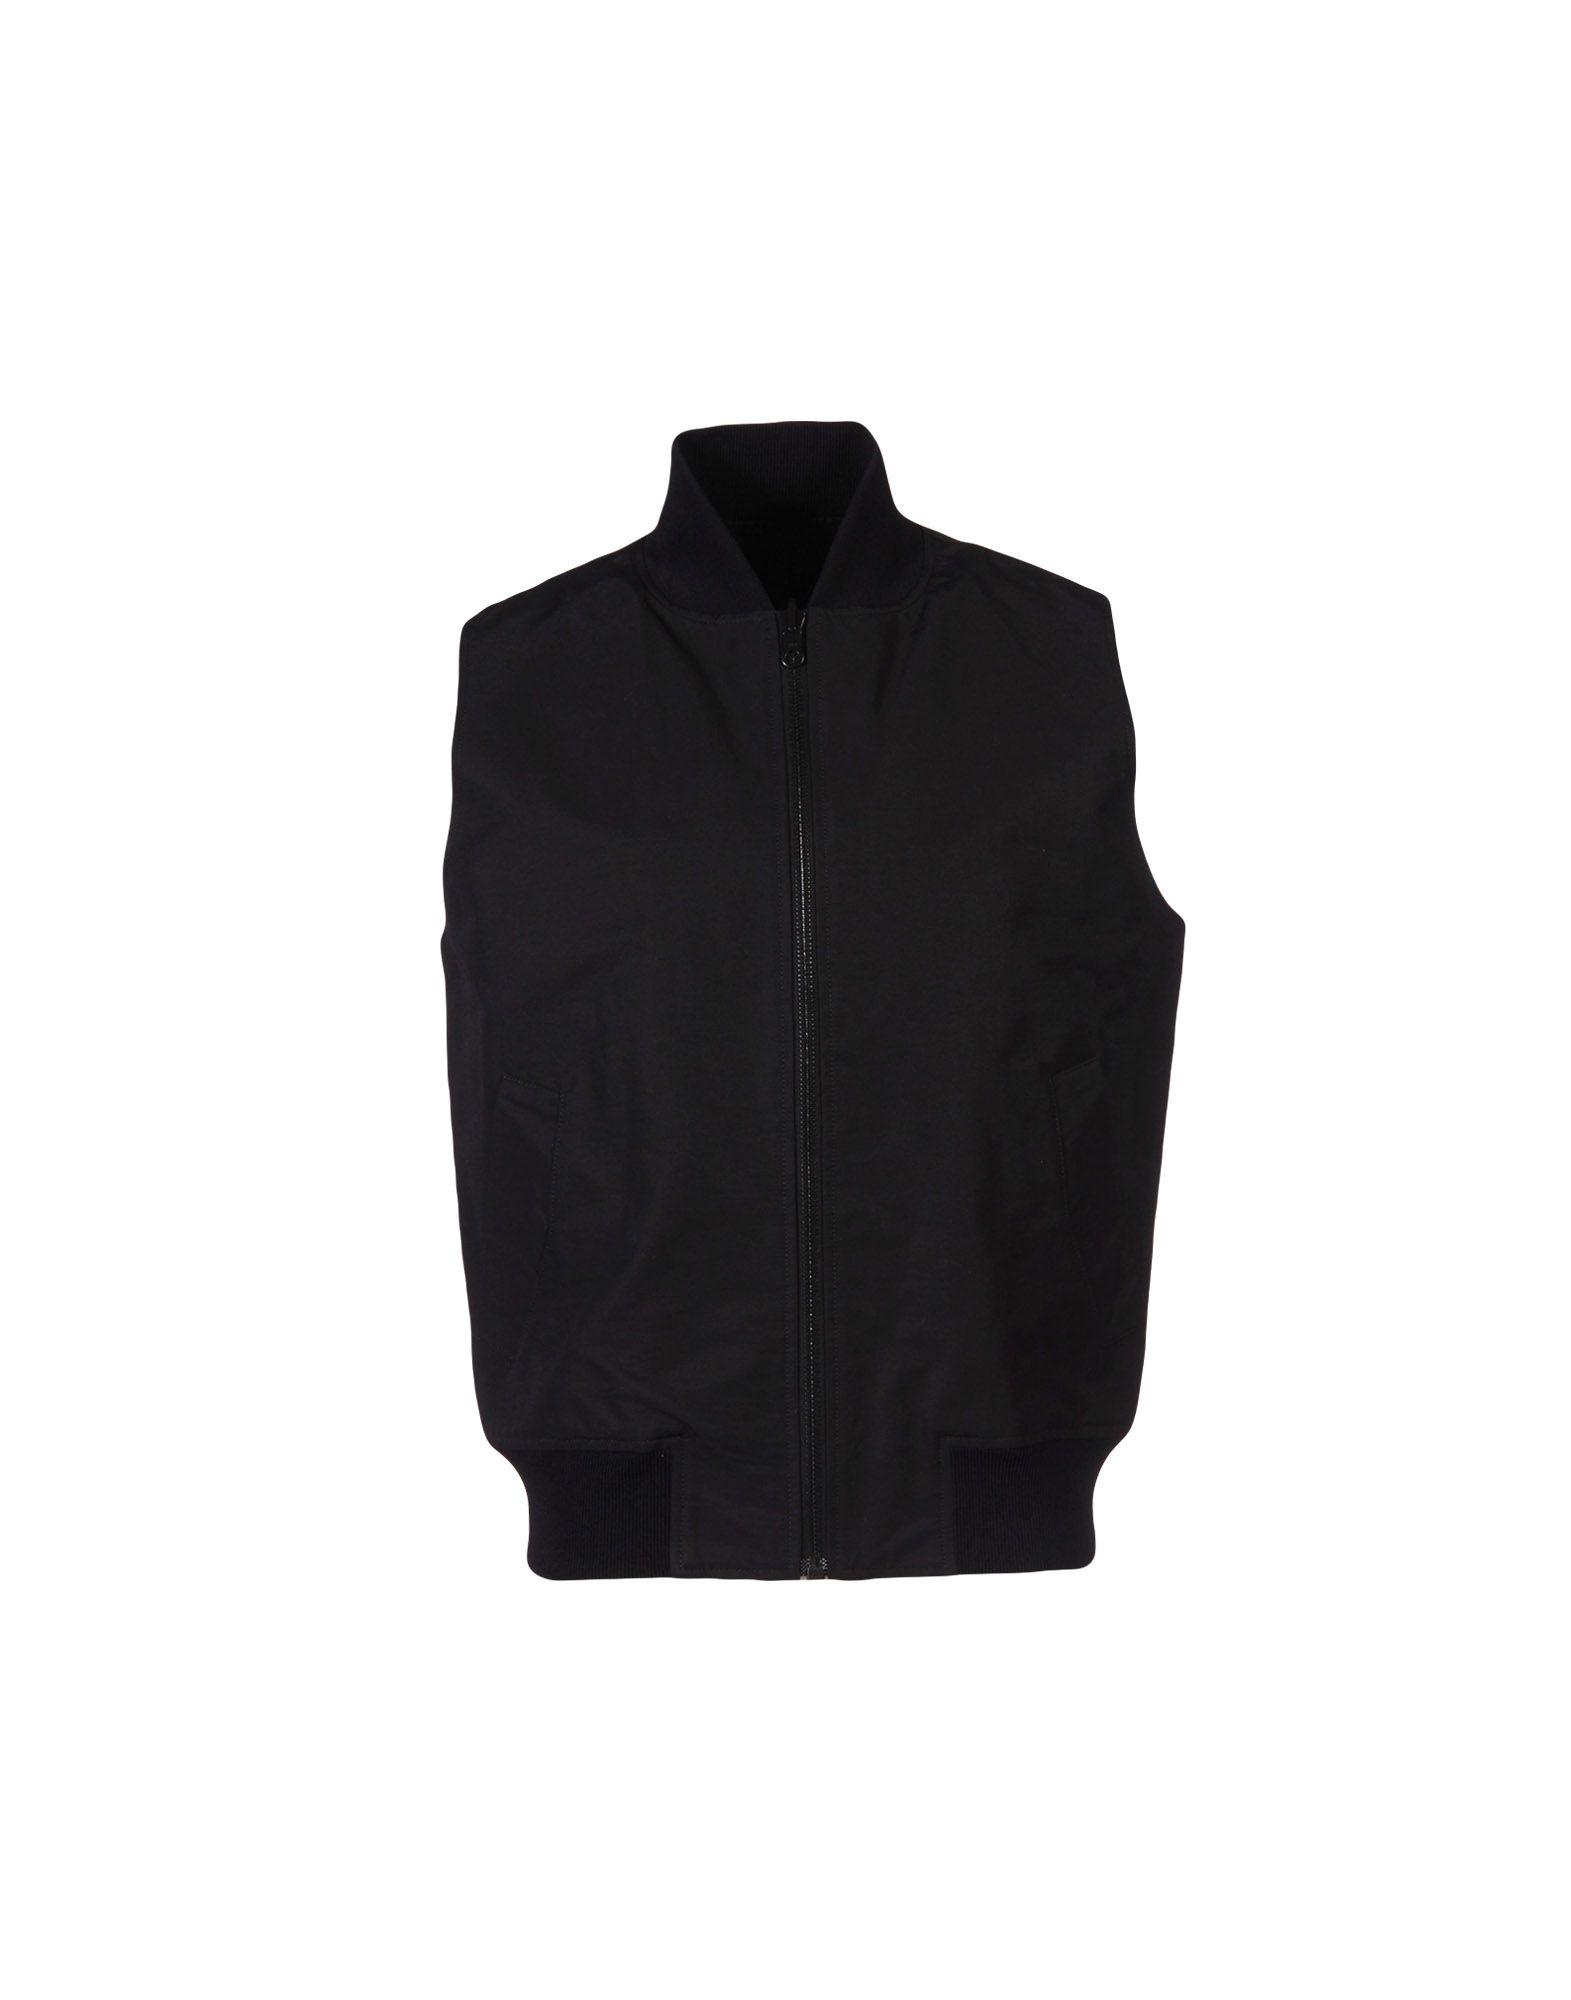 CADET Jackets in Black